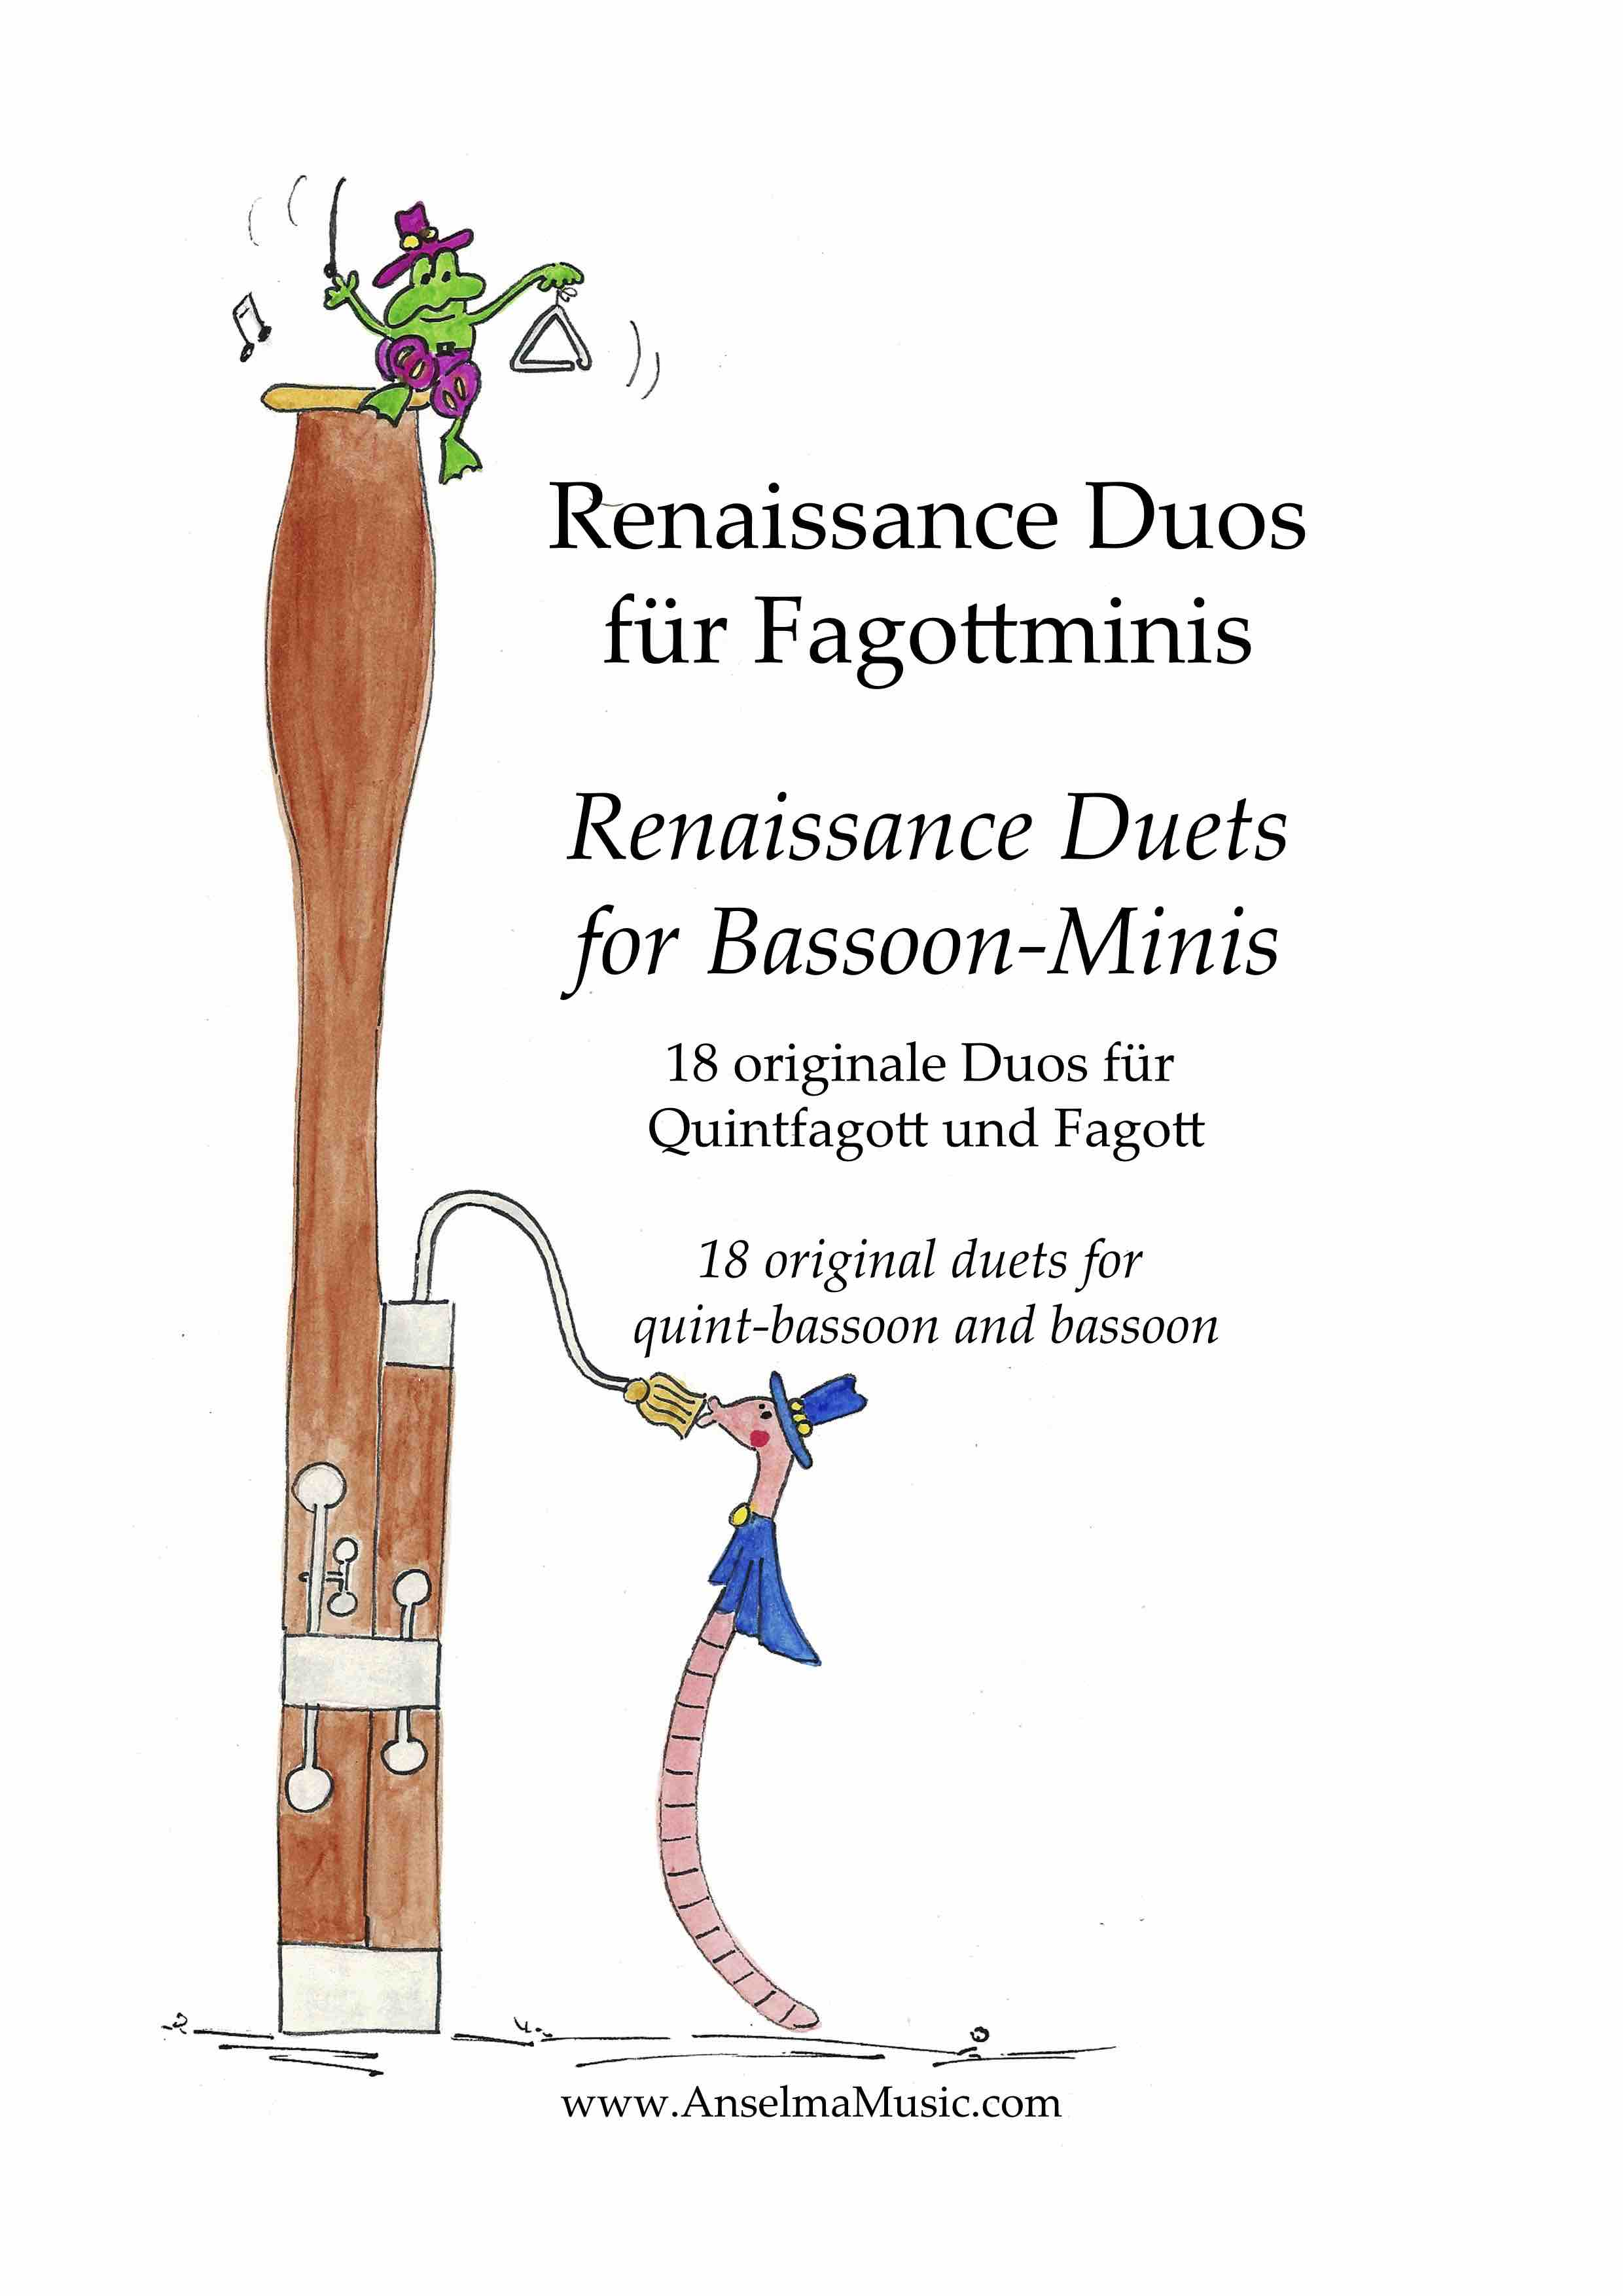 Renaissance Duos fuer Fagottminis QUINT Fagott Fagottino